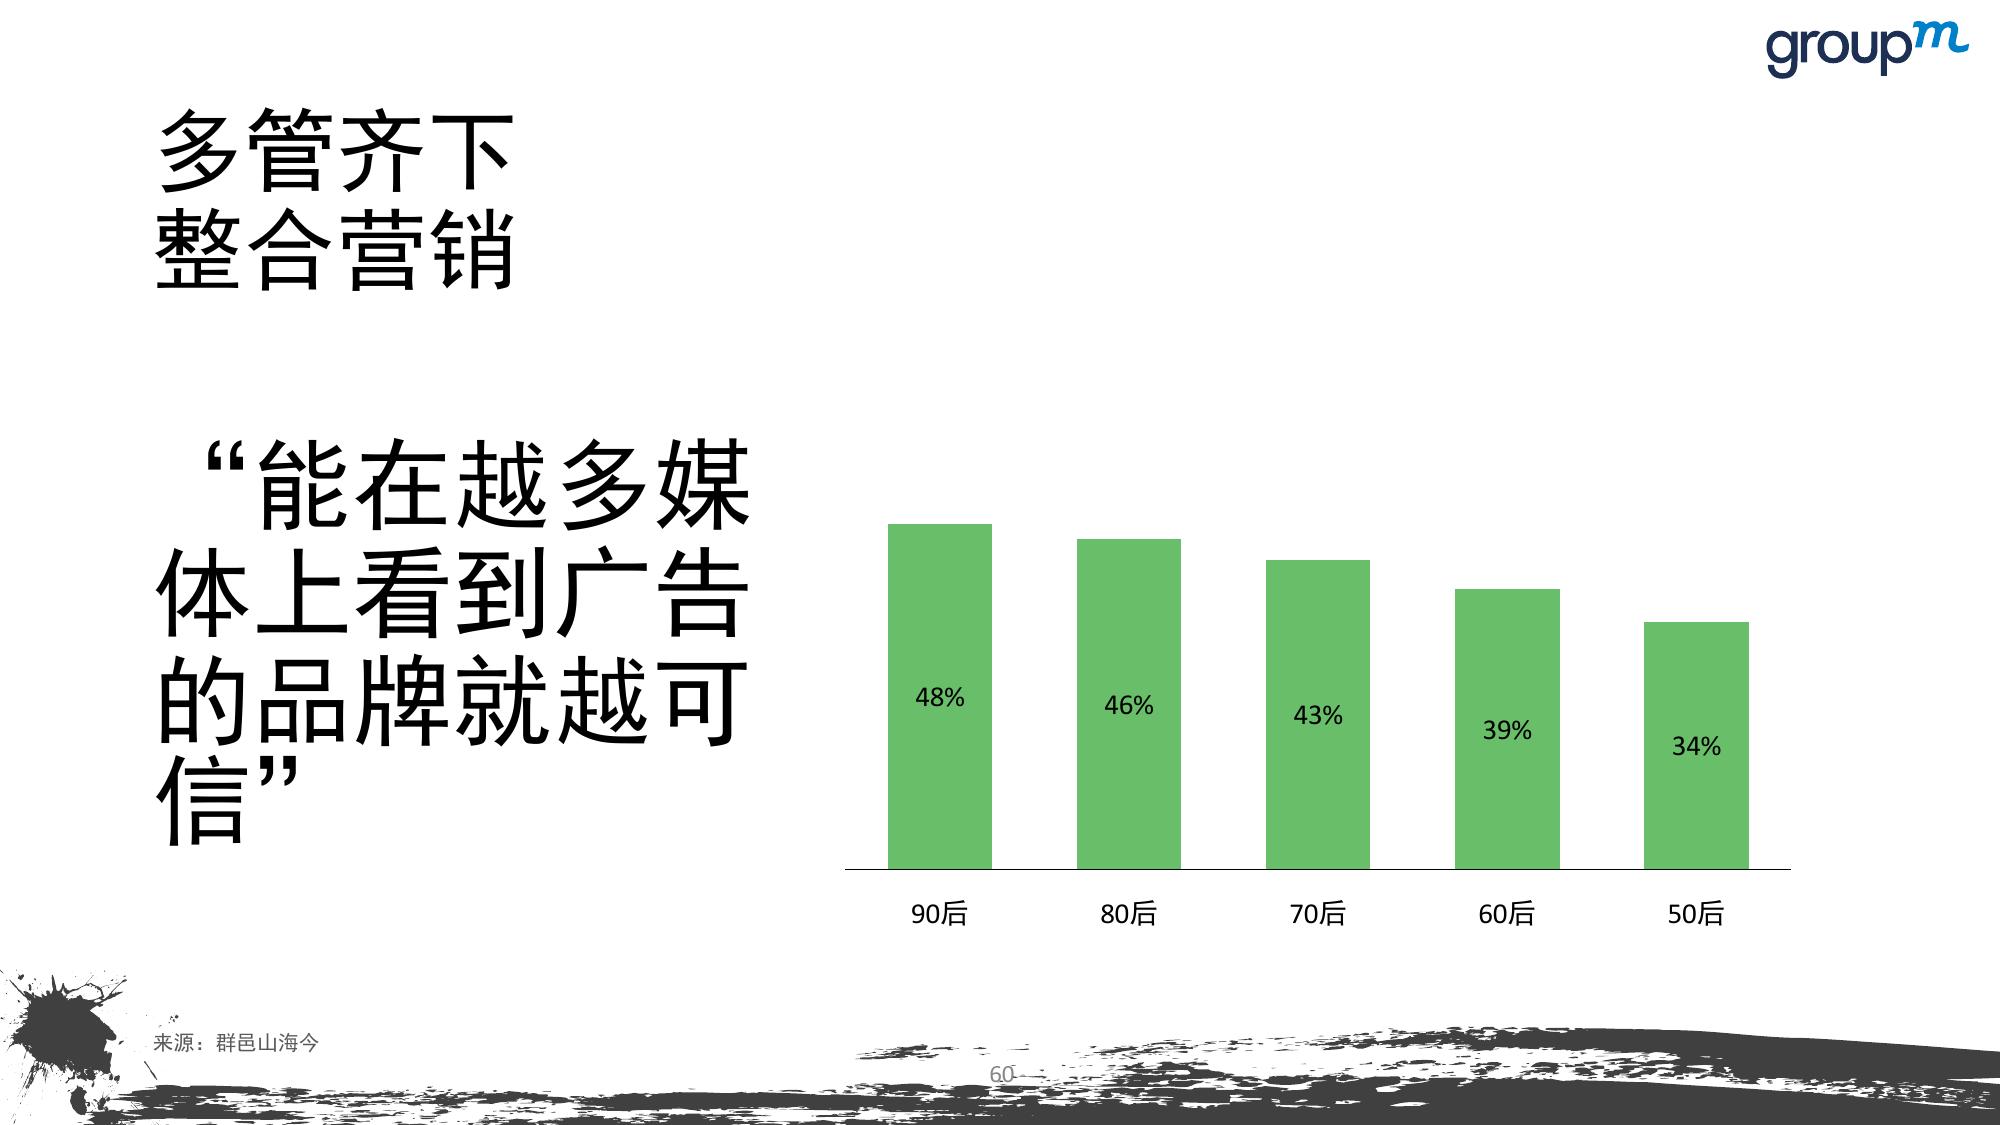 山海今2015中国媒介趋势报告_000060